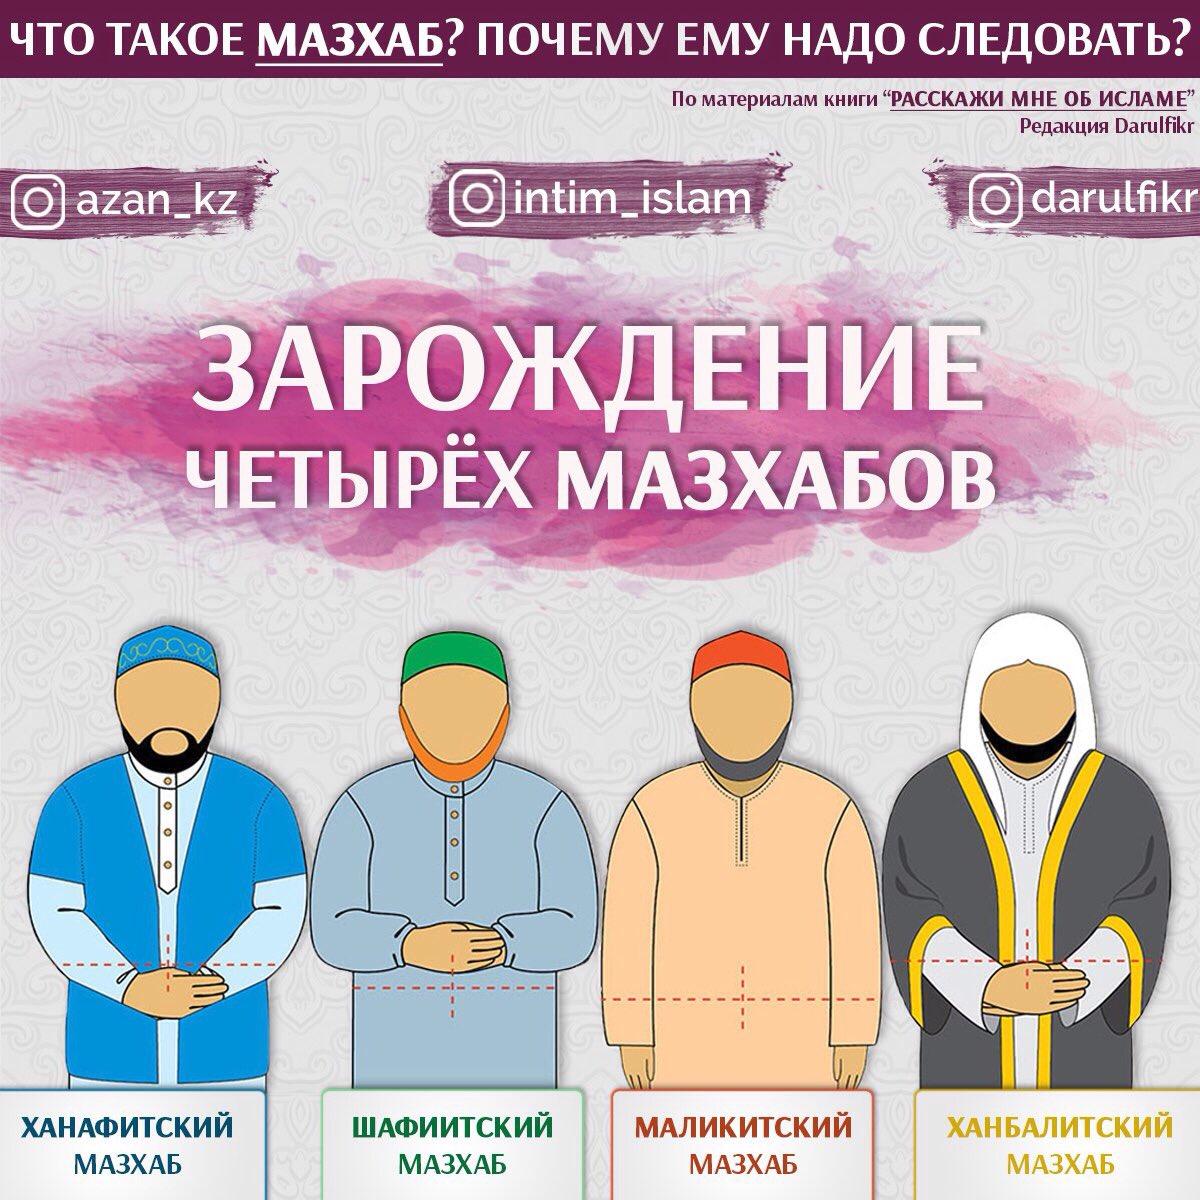 Сунна — это мусульманское священное предание